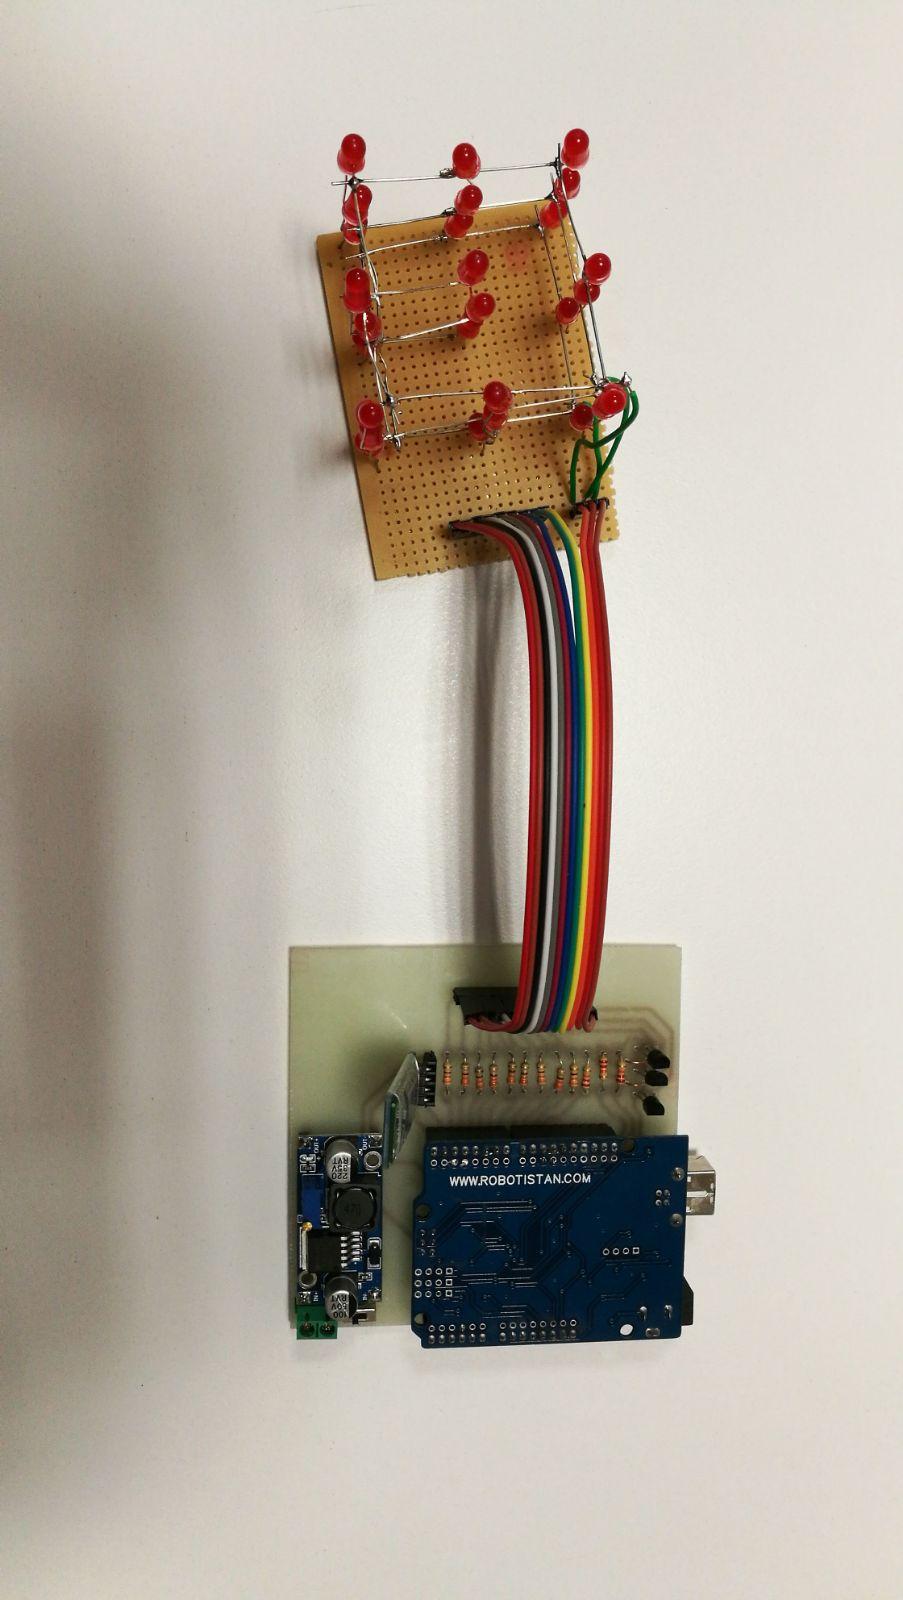 Elektronik elemanlar, 30 1.Öğretim, Grup234, arduino, 3x3x3 baskı devre